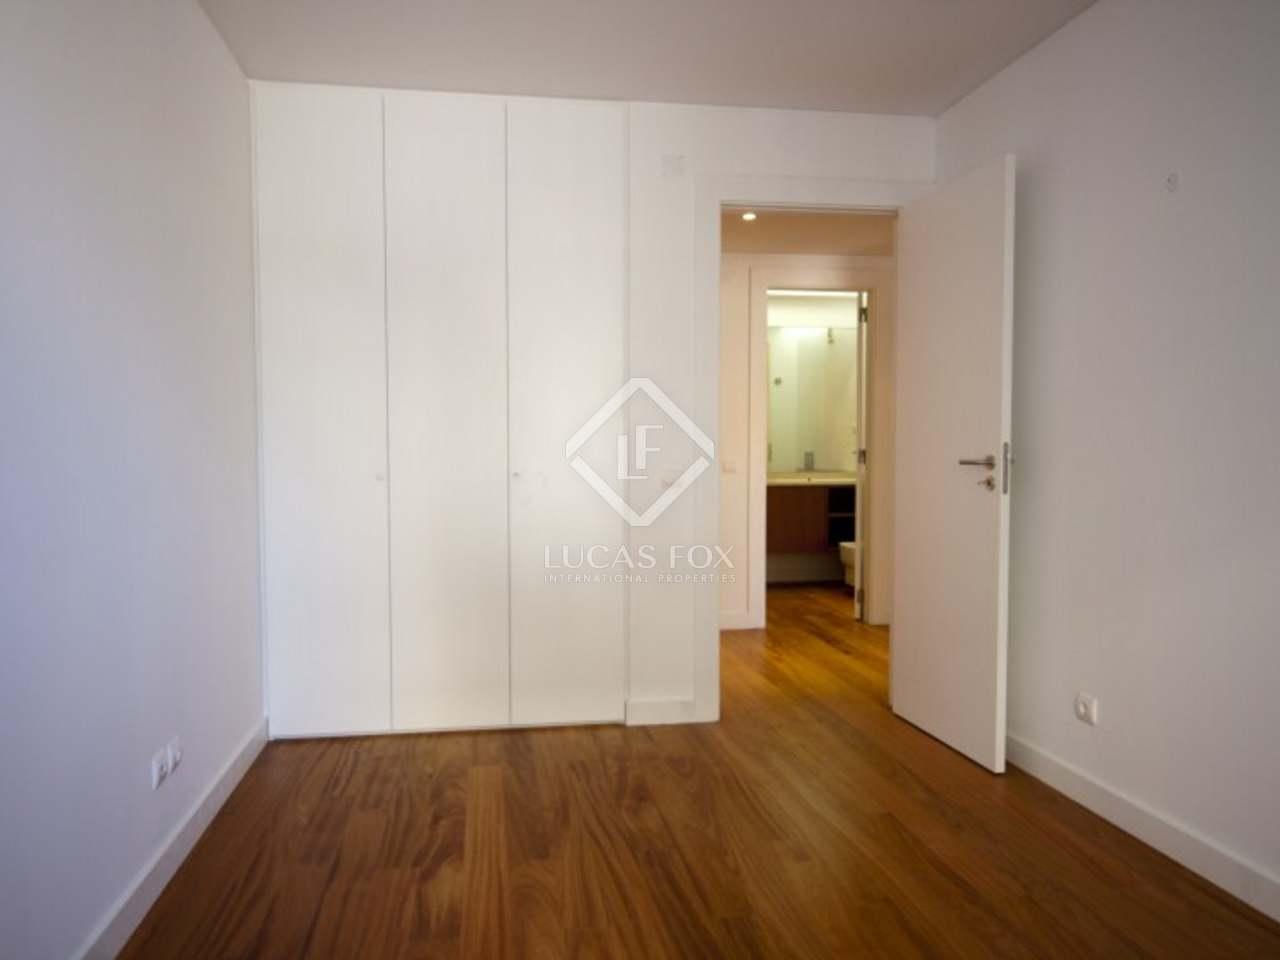 138m wohnung zum verkauf in lissabon stadt portugal. Black Bedroom Furniture Sets. Home Design Ideas